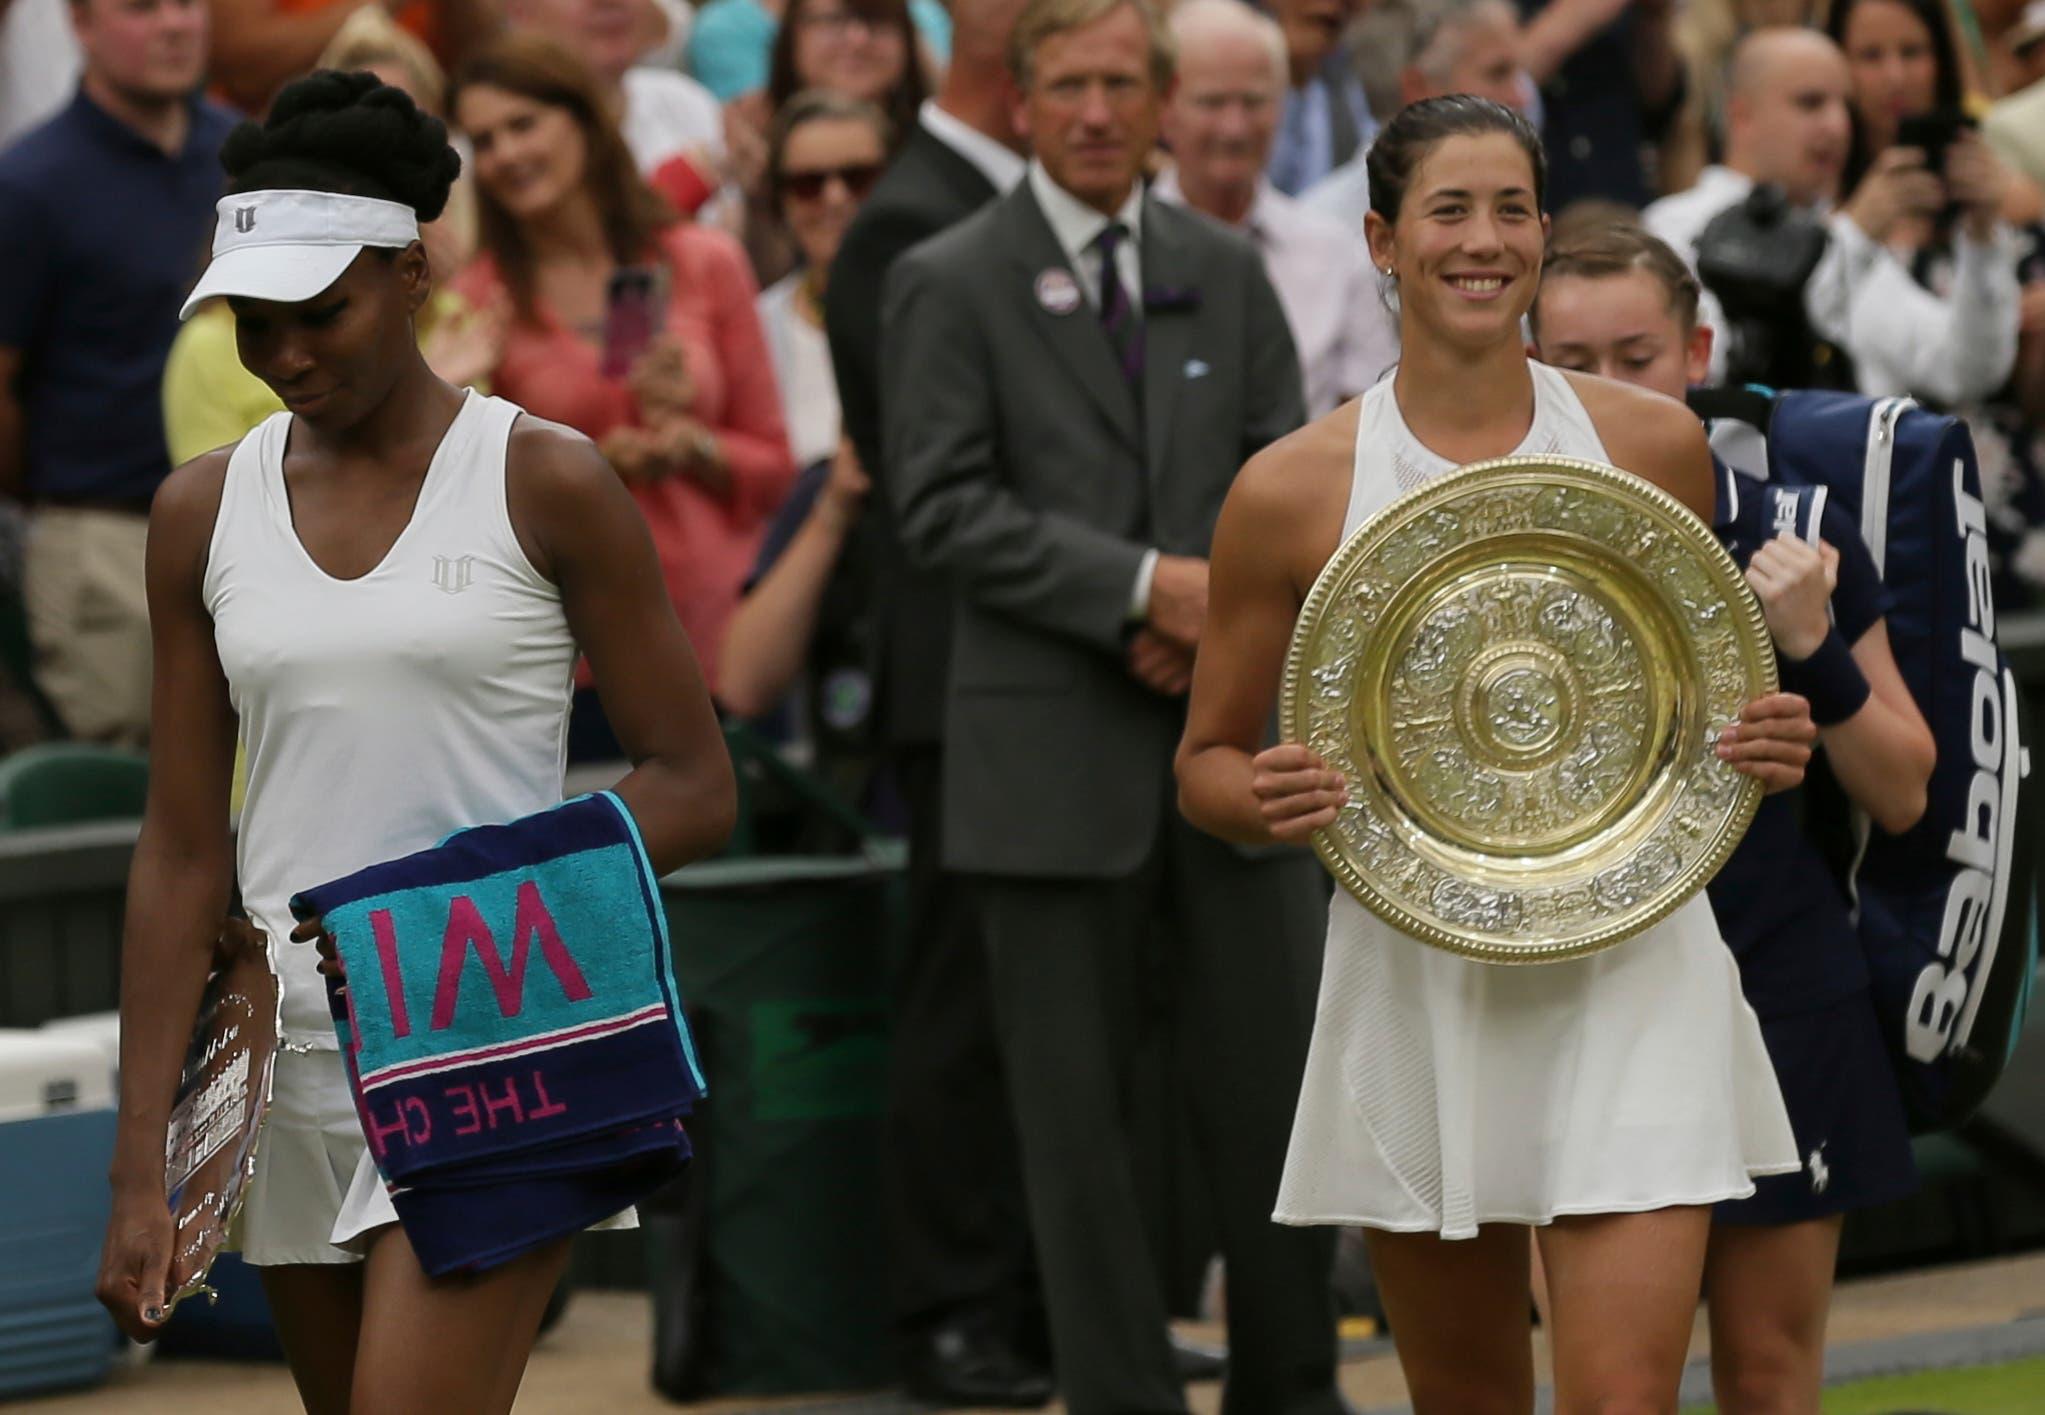 Venus Williams, de Estados Unidos, salió con su trofeo de la Corte Central después de su derrota ante la española Garbine Muguruza, a la derecha, en la final femenina de los Singles el día doce en el Wimbledon Tennis Championships de Londres el sábado 15 de julio de 2017. AP Foto / Tim Irlanda).